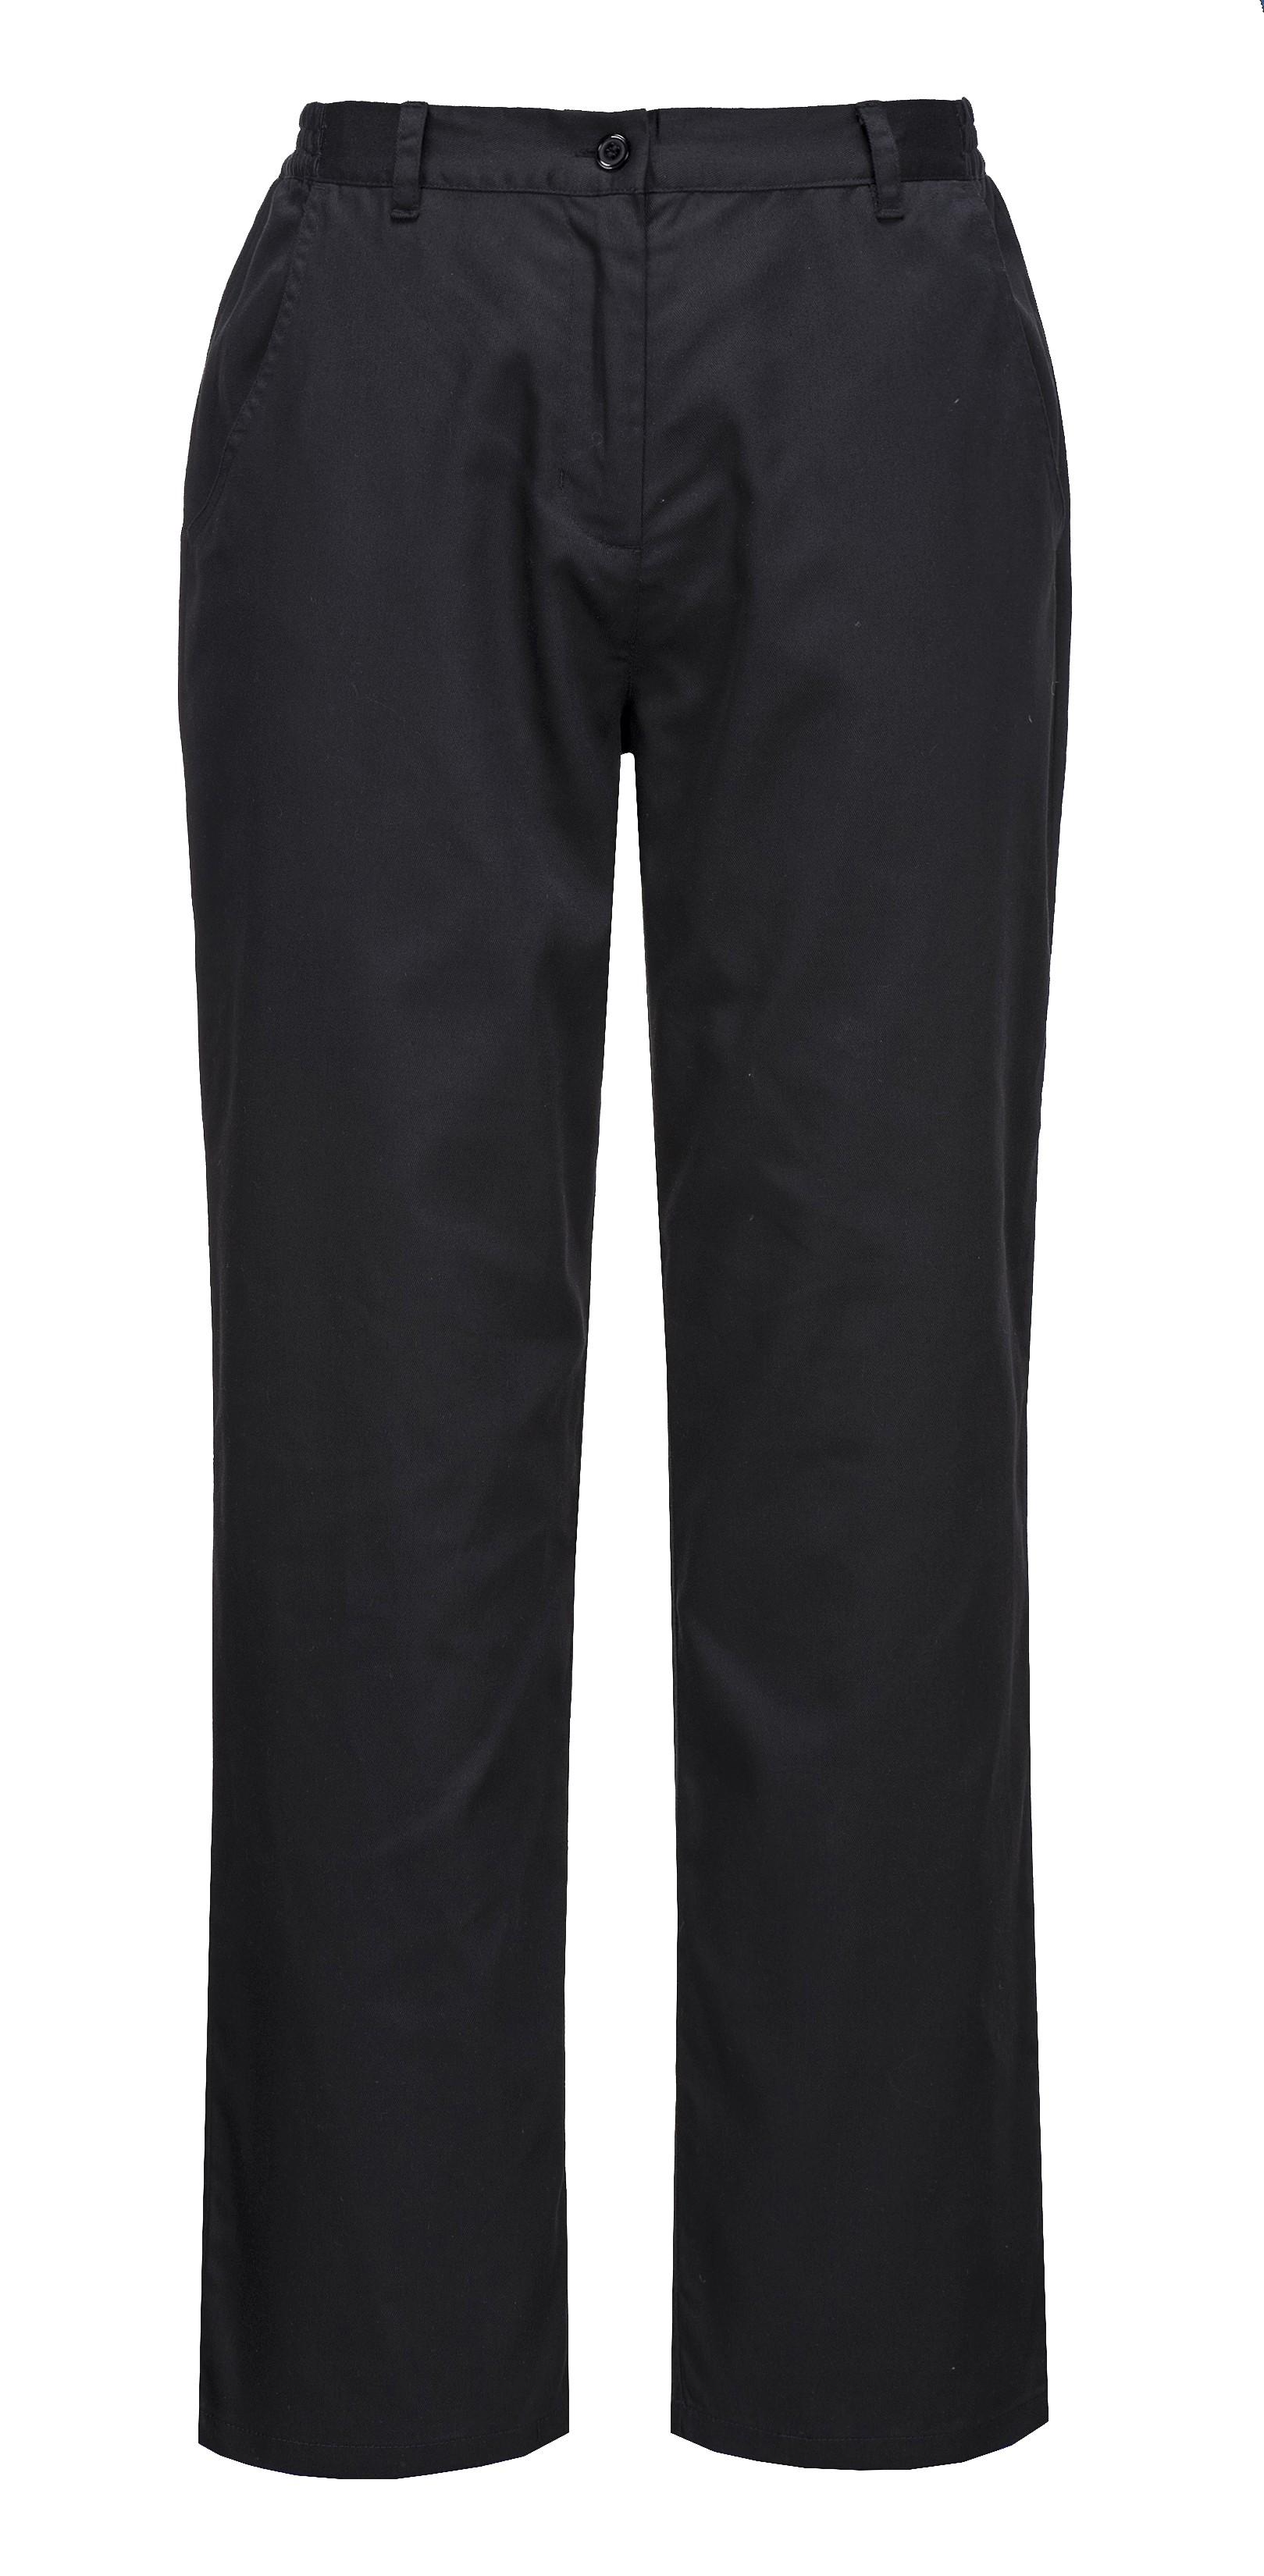 387d25e73 Pracovné odevy - dámske nohavice c071 RACHEL CHEST Portwest čierne ...